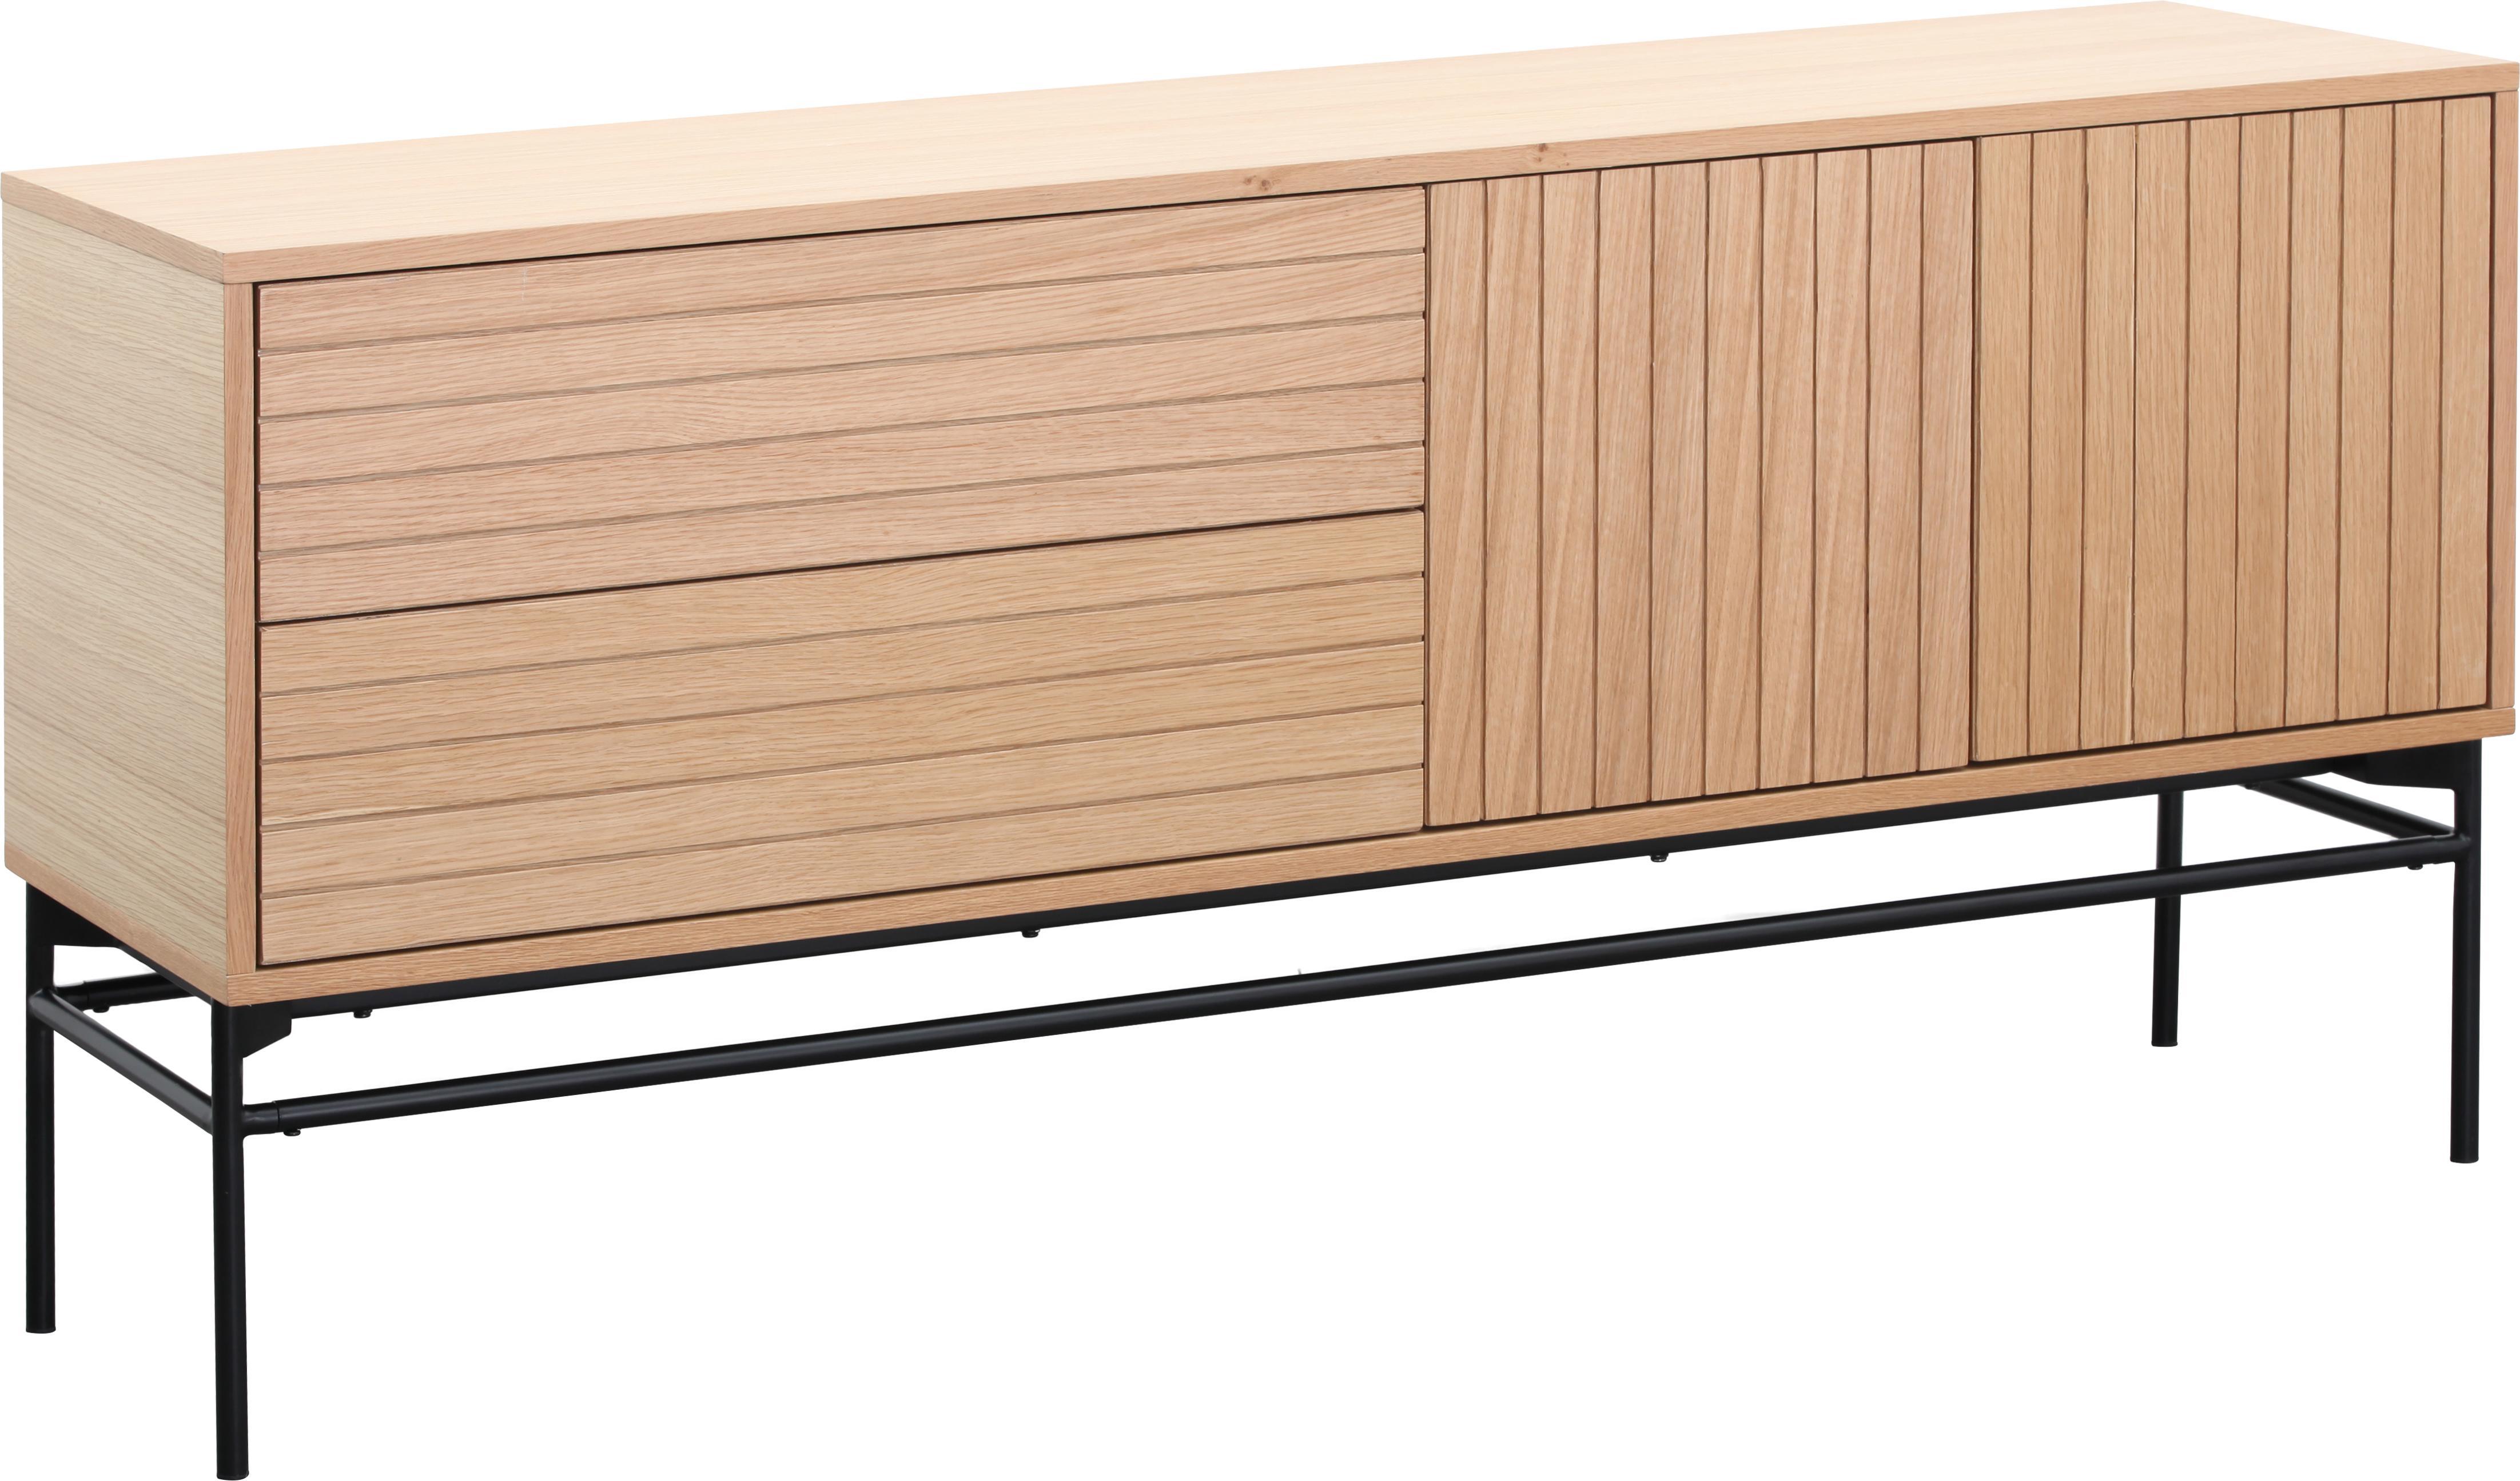 Modernes Sideboard Johan, Korpus: Mitteldichte Holzfaserpla, Füße: Metall, pulverbeschichtet, Korpus: EichenholzfurnierFüße: Schwarz, matt, 160 x 75 cm